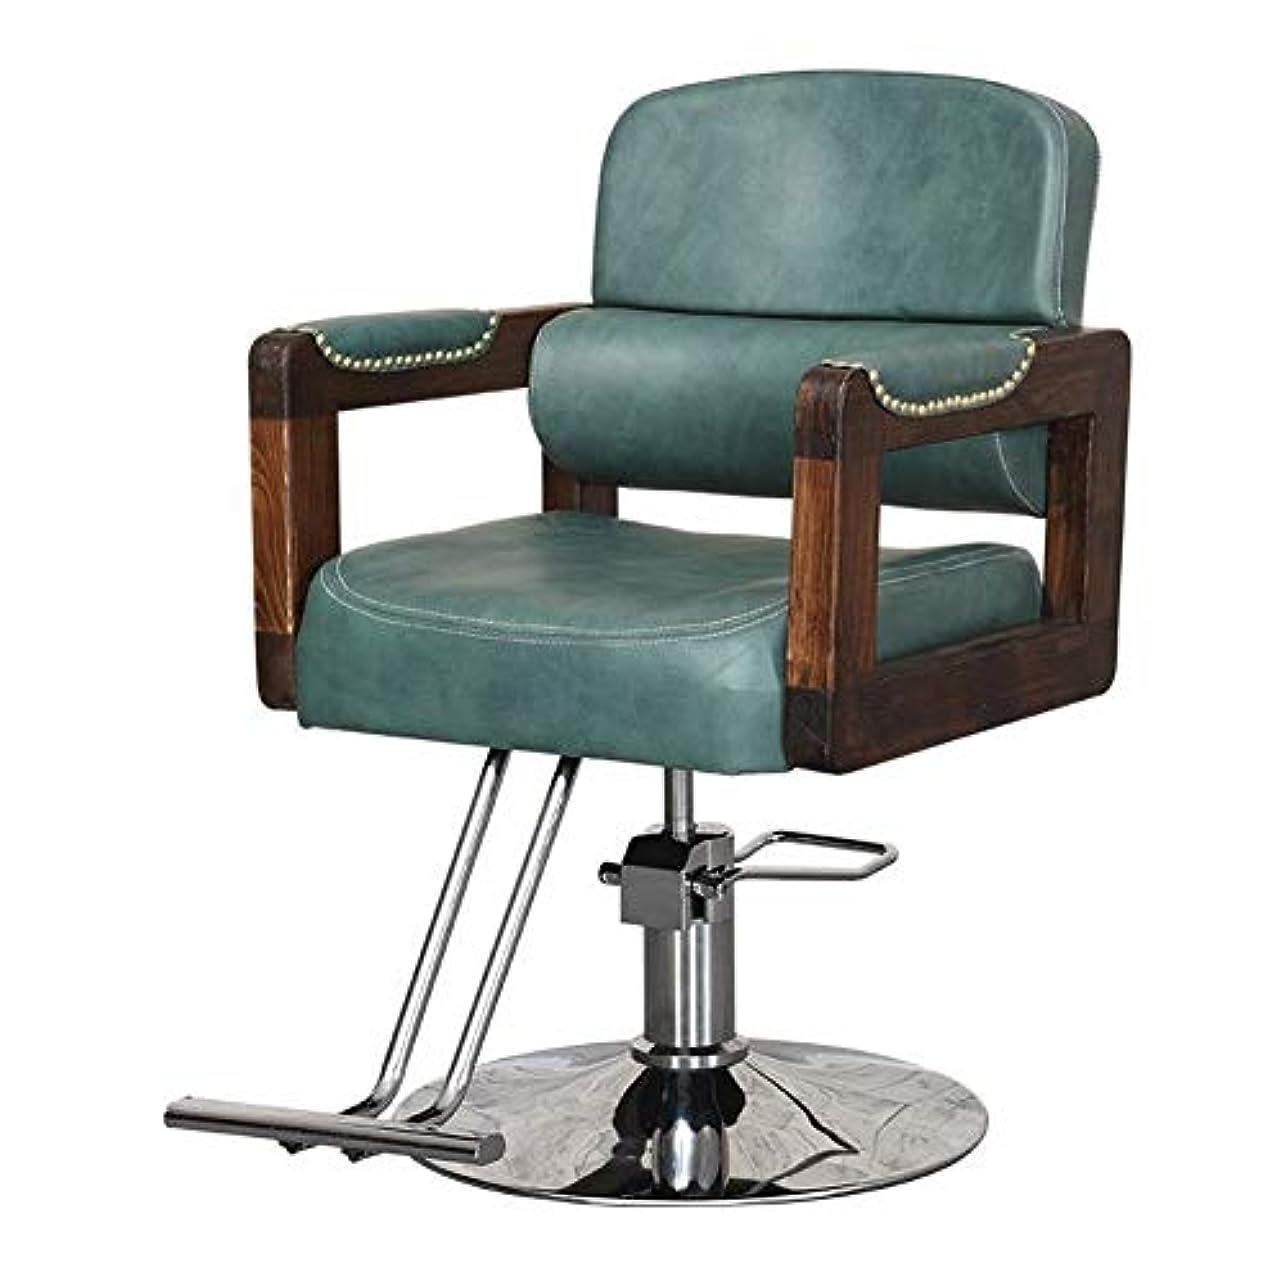 夫王女落ち着くサロンの椅子は専門の油圧理髪店の椅子の大広間の美容院の鉱泉のモデリングチェアの円形の基盤を持ち上げるために回すことができます,Brown,B